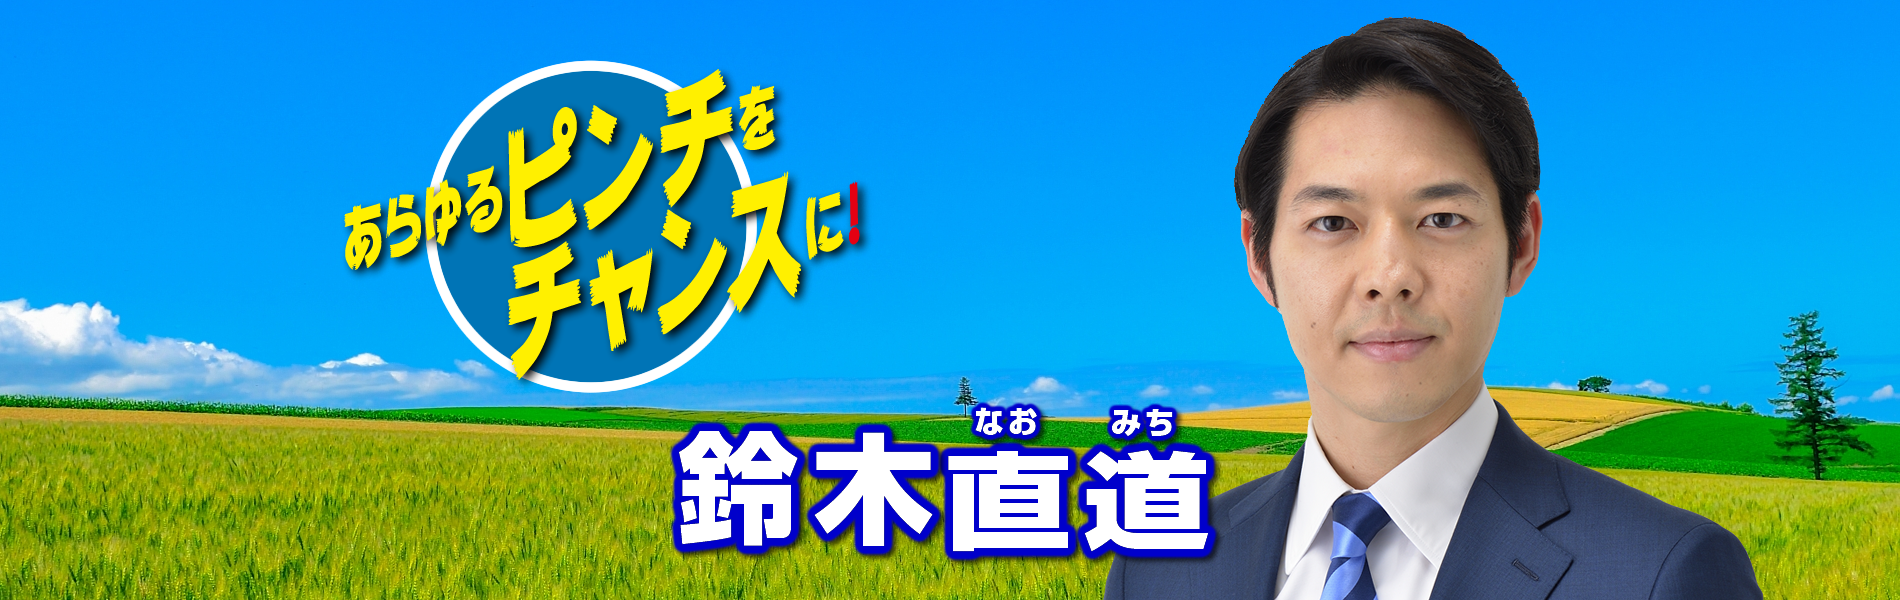 直道 北海道 知事 鈴木